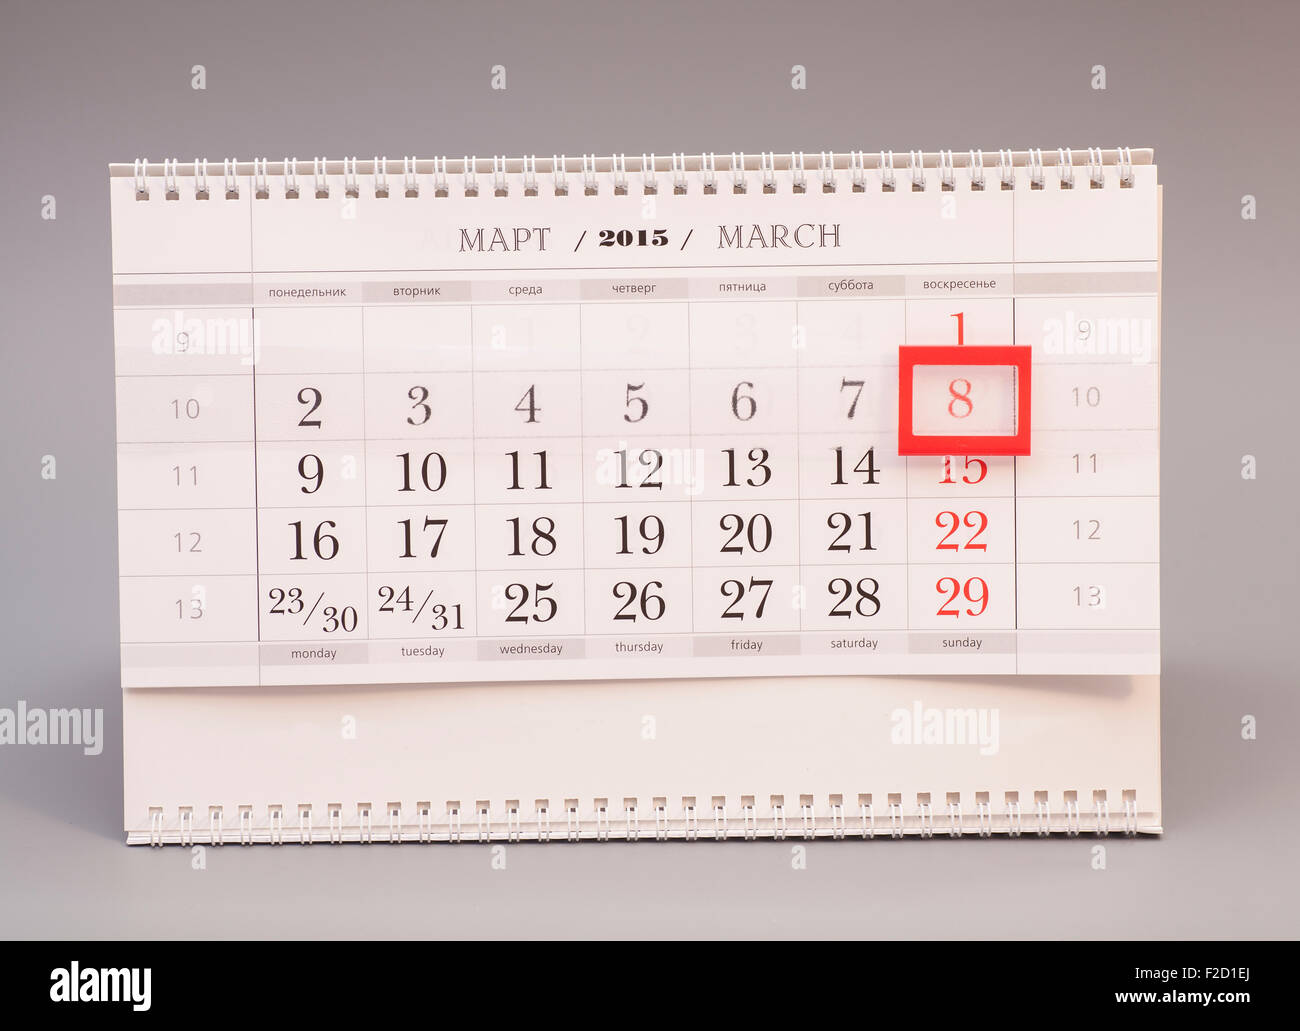 Calendario Internazionale.Calendario Pagina Contrassegnata Con Data 8 Marzo La